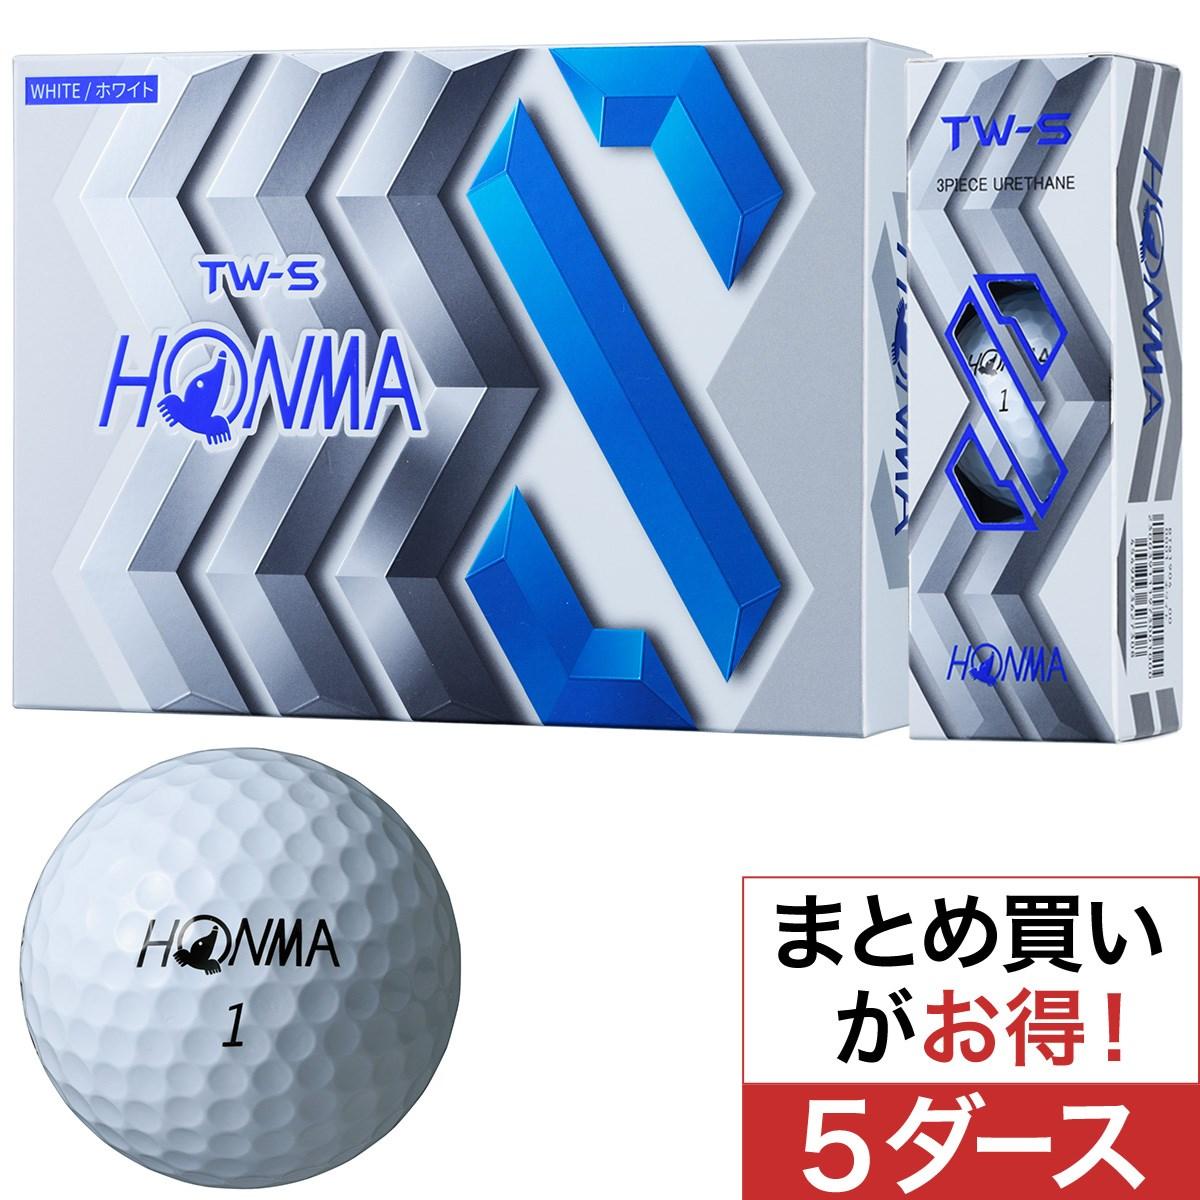 本間ゴルフ(HONMA GOLF) TW-S ボール 5ダースセット